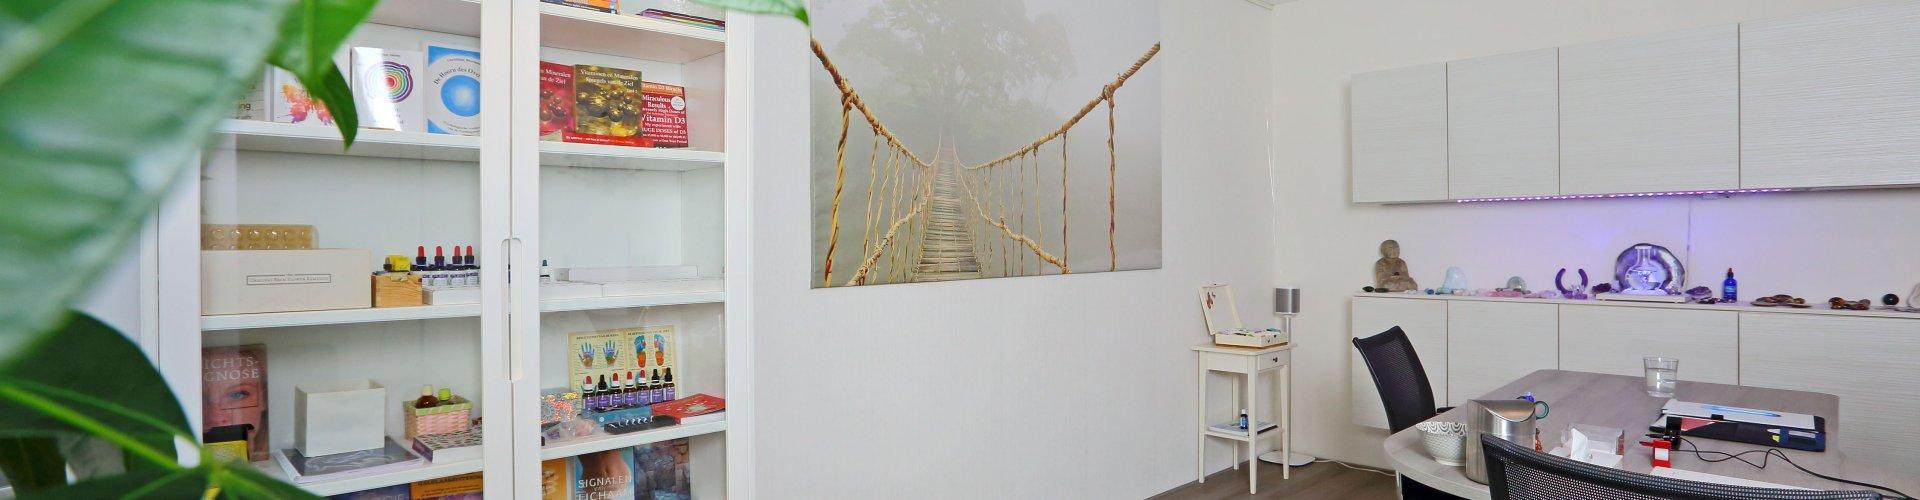 Holistisch Orthomoleculair Energetisch Natuurgeneeskundig Therapeut Delft, regio Den Haag, Rotterdam